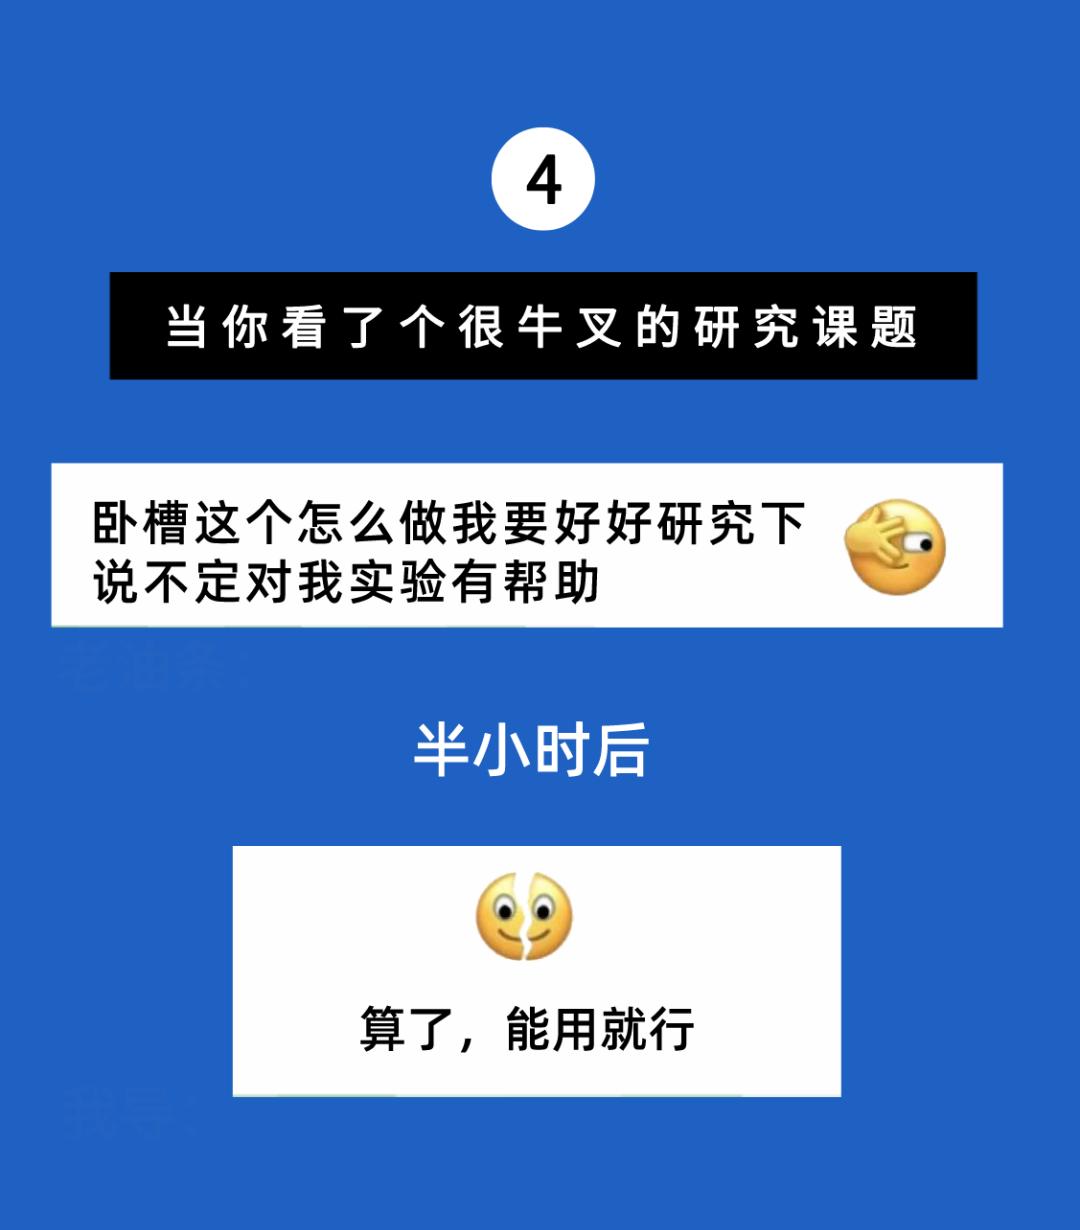 6微信新表情大赏——科研狗的正确使用方法!.png